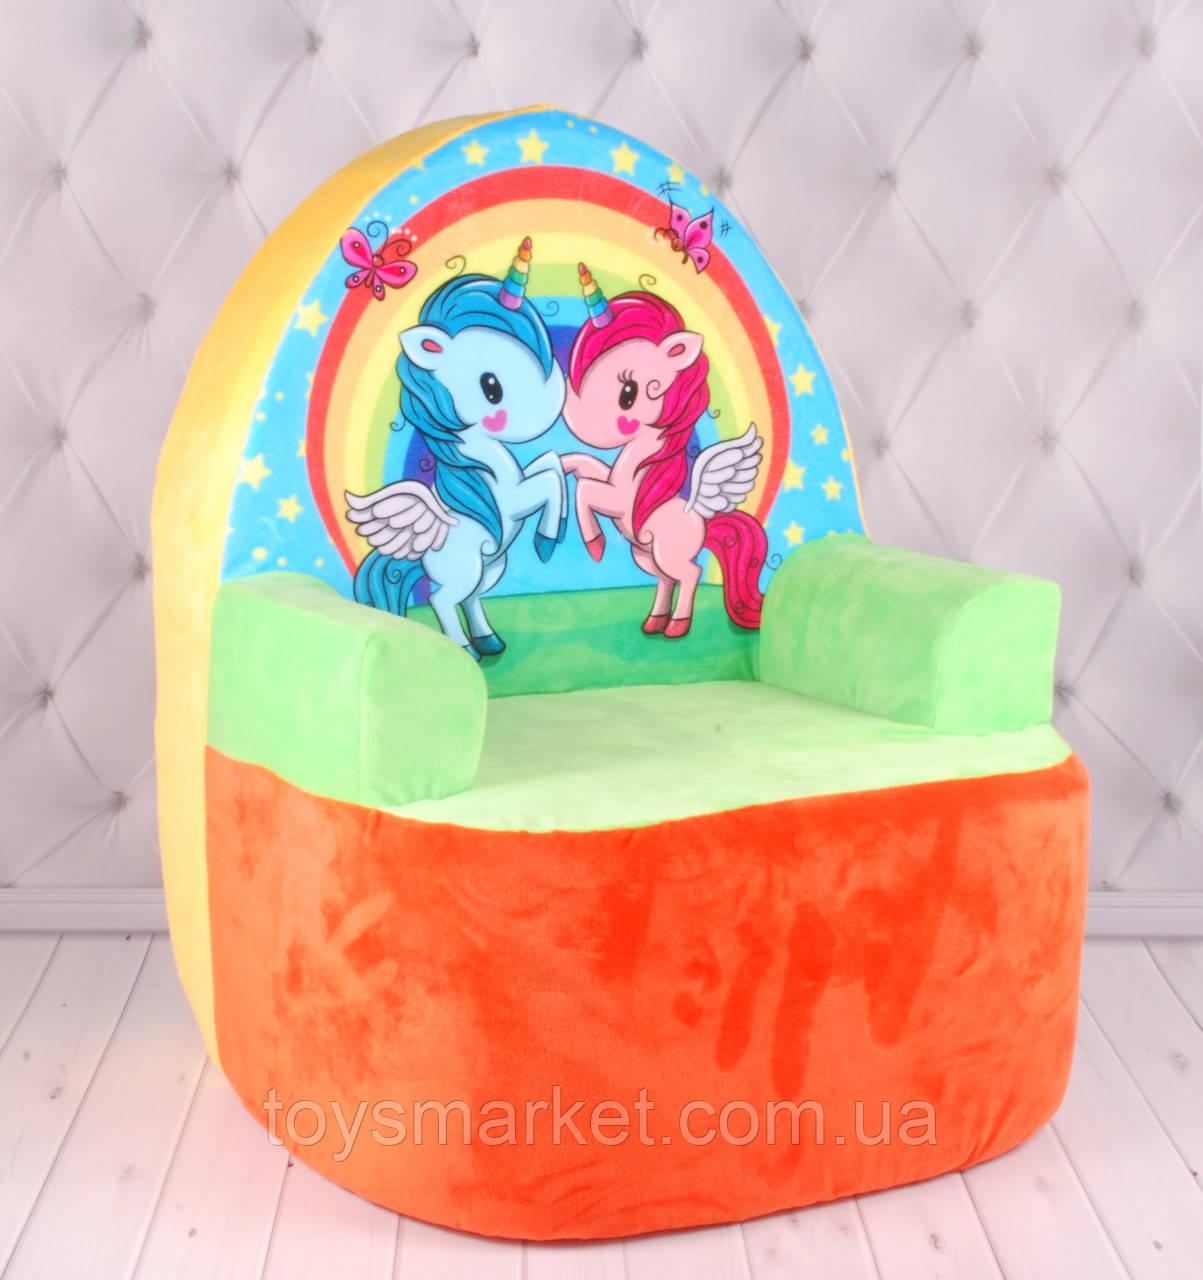 Мягкое детское кресло с Единорогами 57 см, плюшевое кресло с единорогами, кресло-игрушка с единорогами